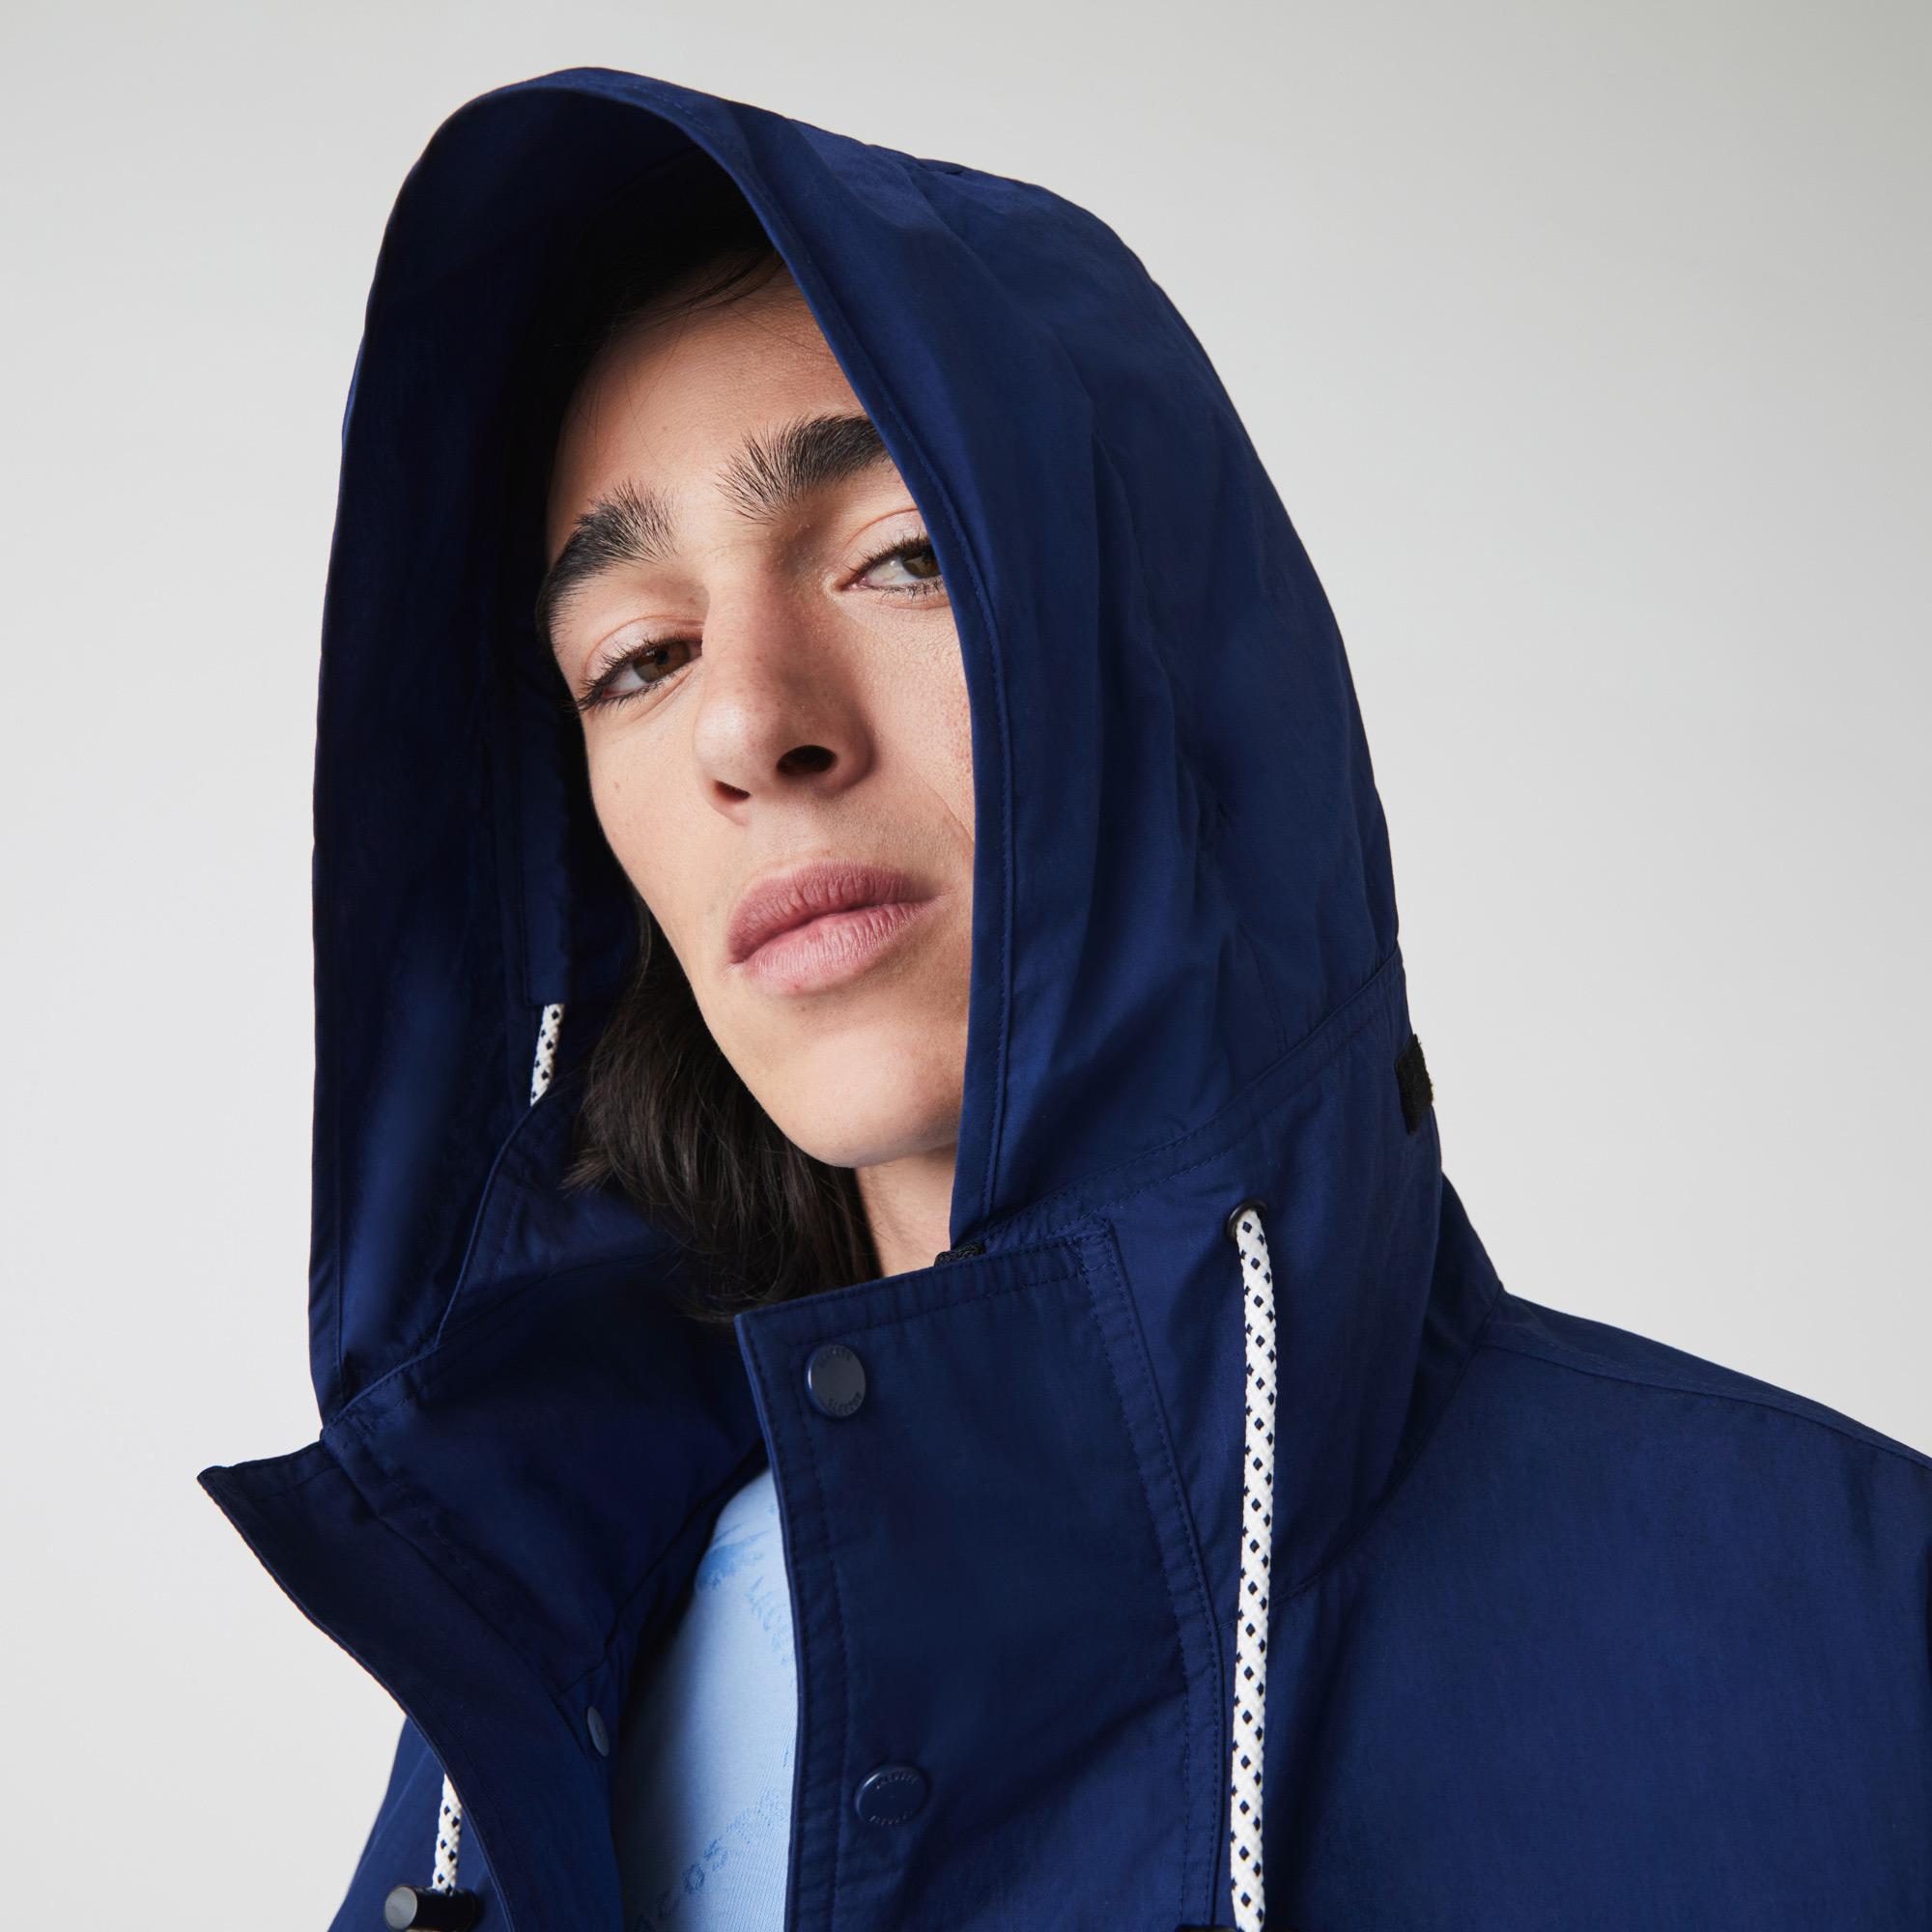 Lacoste Men's Ultra-Light Pockets Zip Summer Jacket